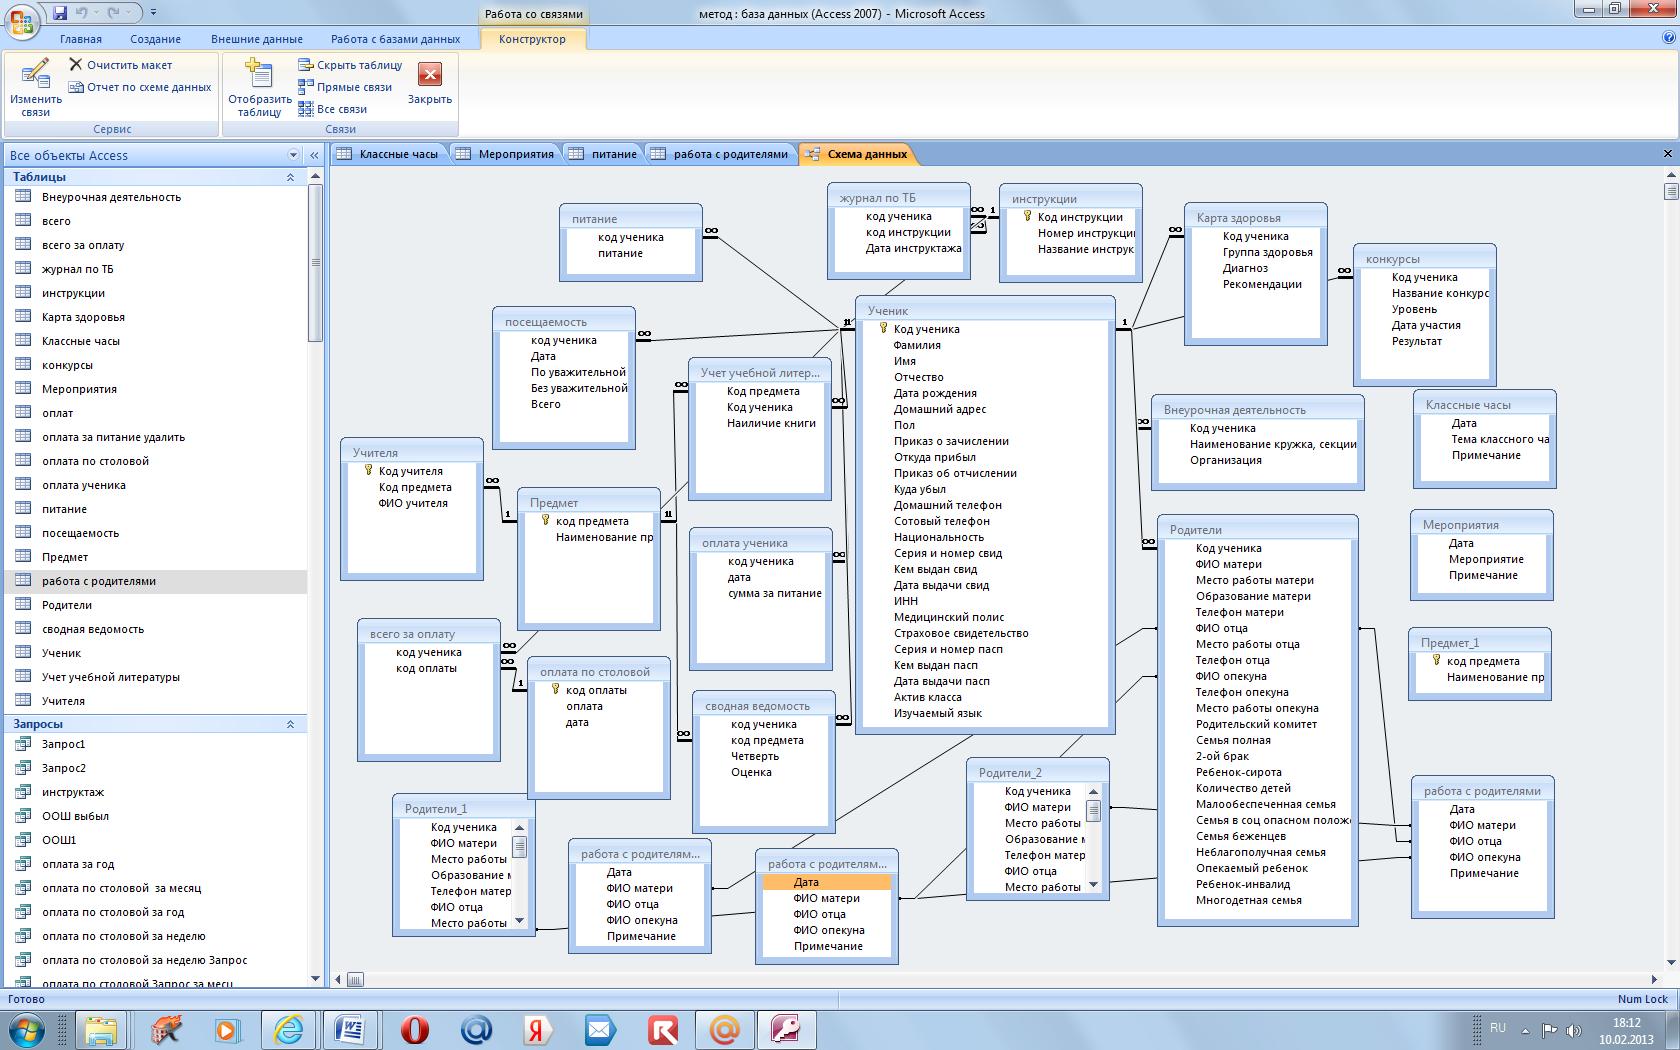 2.2 Разработка схемы реляционной базы данных - Институт профессионального образования и информационных технологий.